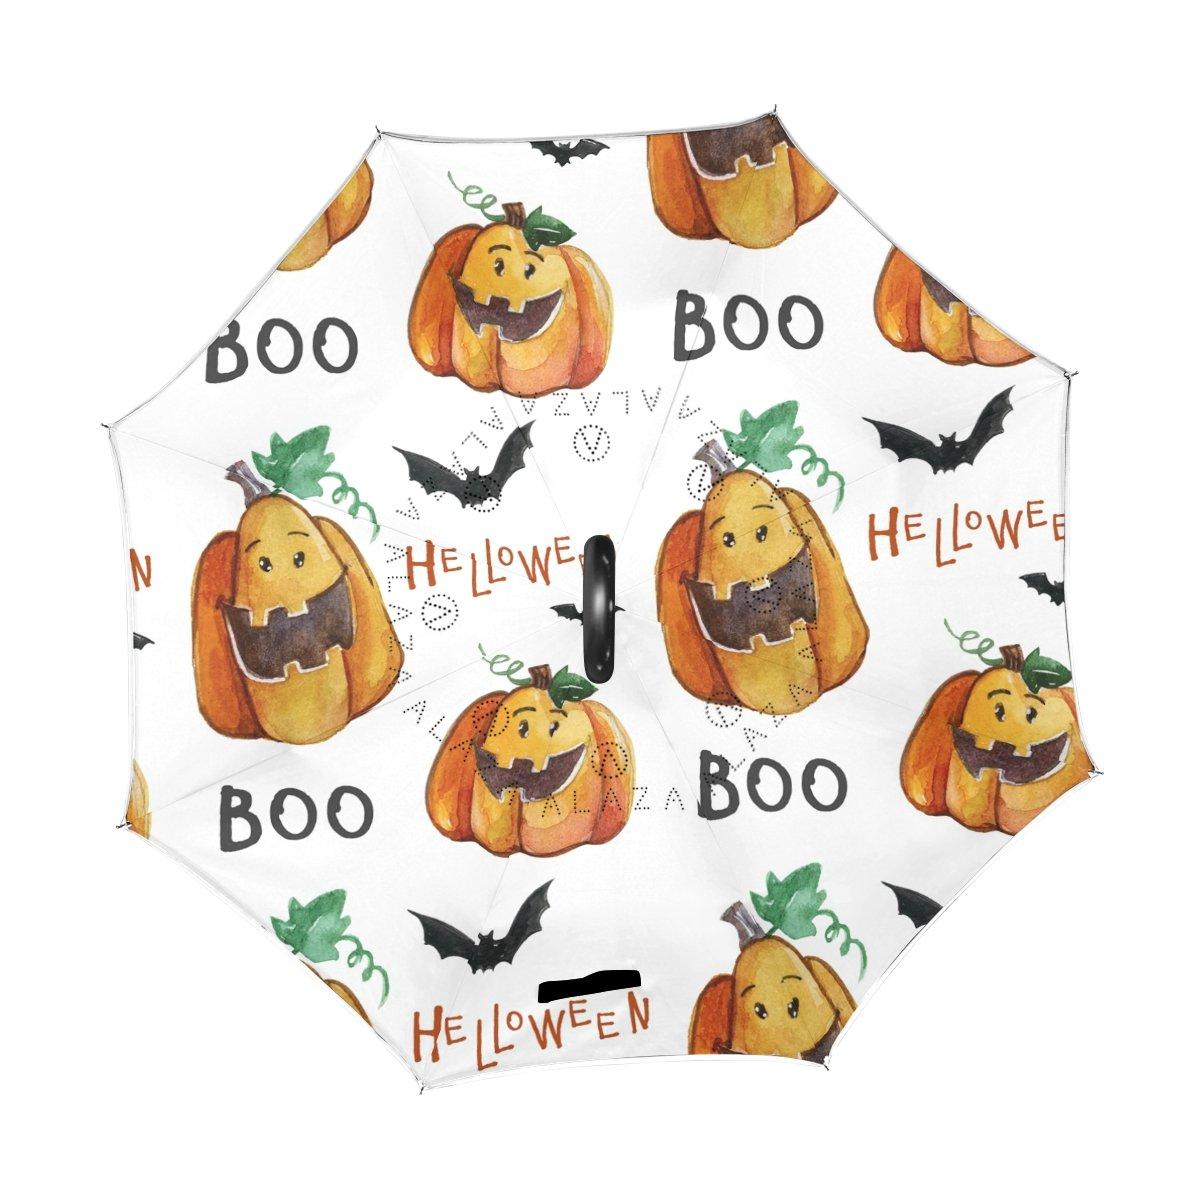 COOSUN Les Chauves-Souris Halloween Sac Duffle épaule Handy Sacs de Sport Gym pour Hommes et Femmes Moyen Multicolore Sacs à dos et sacs de sport Sacs de sport